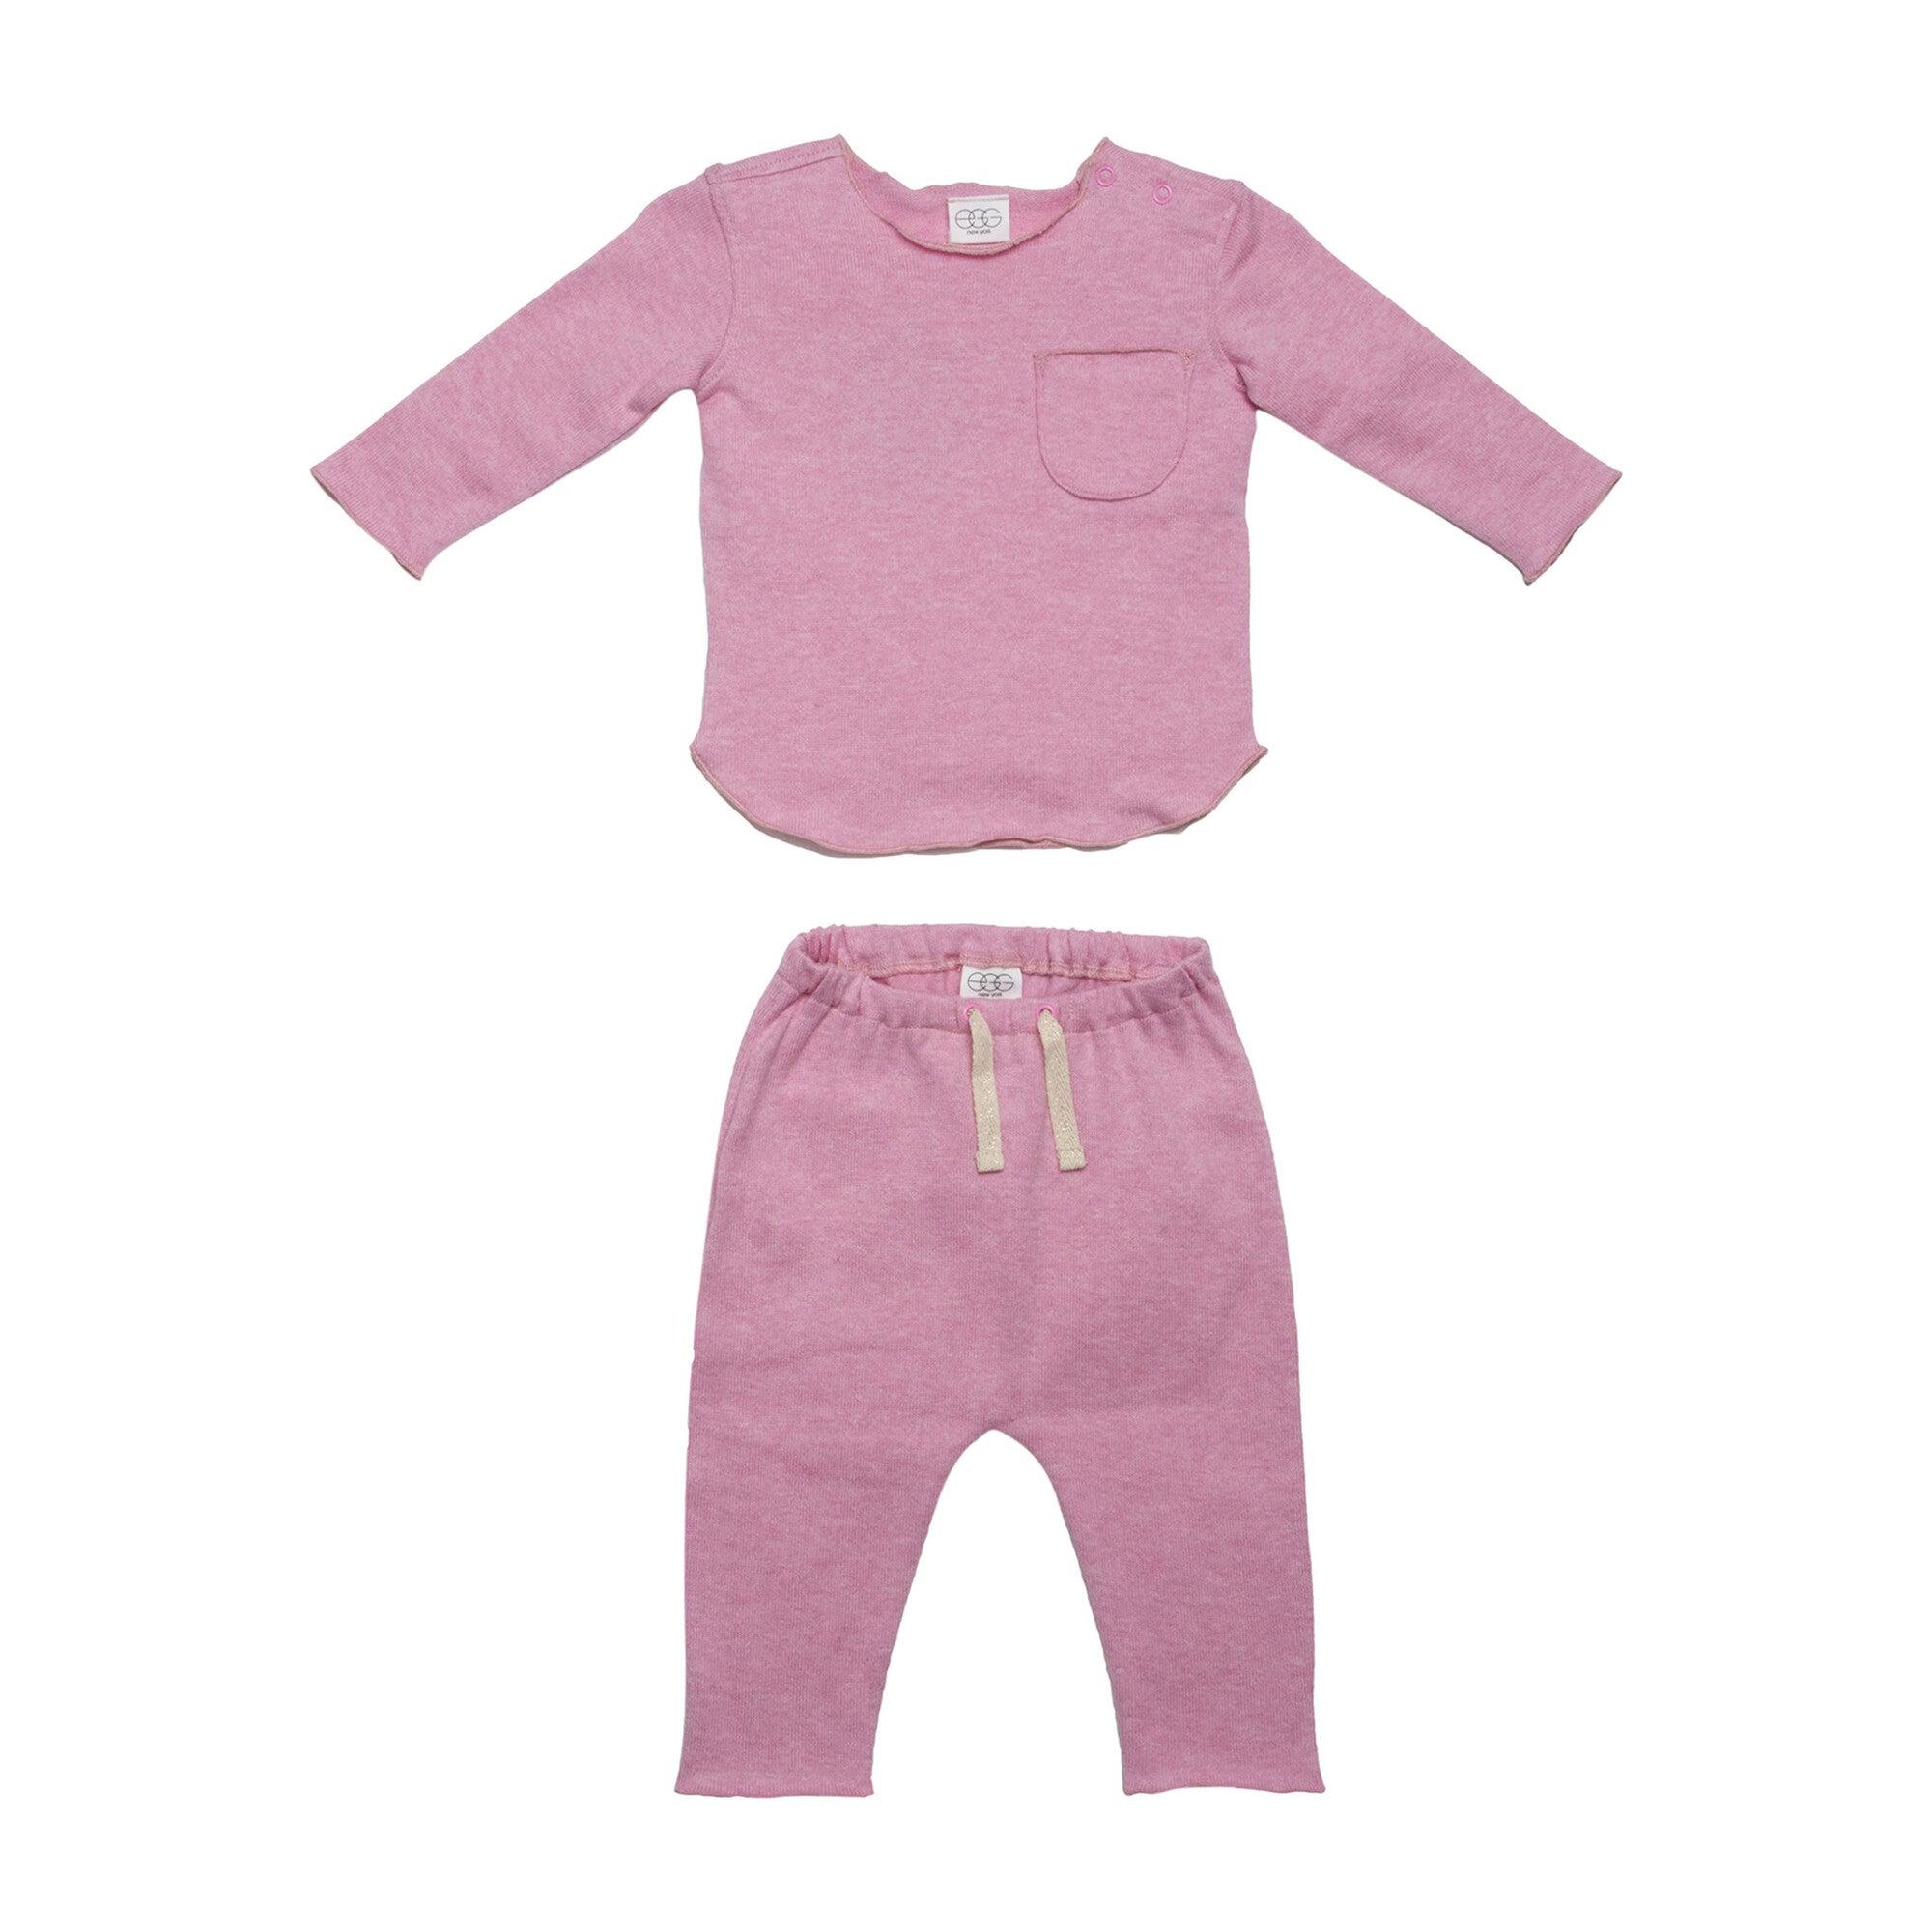 Bobbi Set, Pink